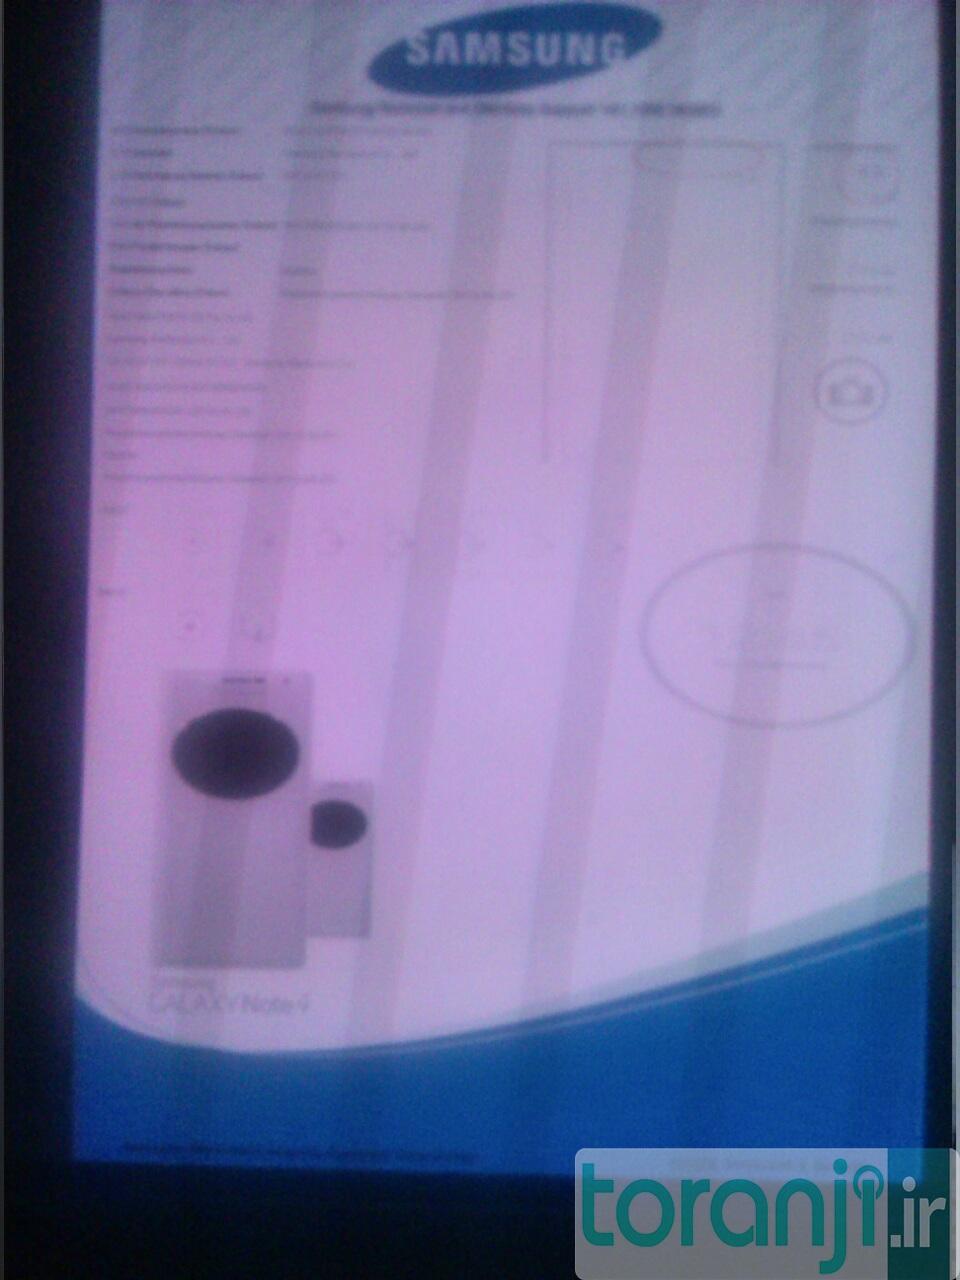 Samsung Galaxy 344.jpg